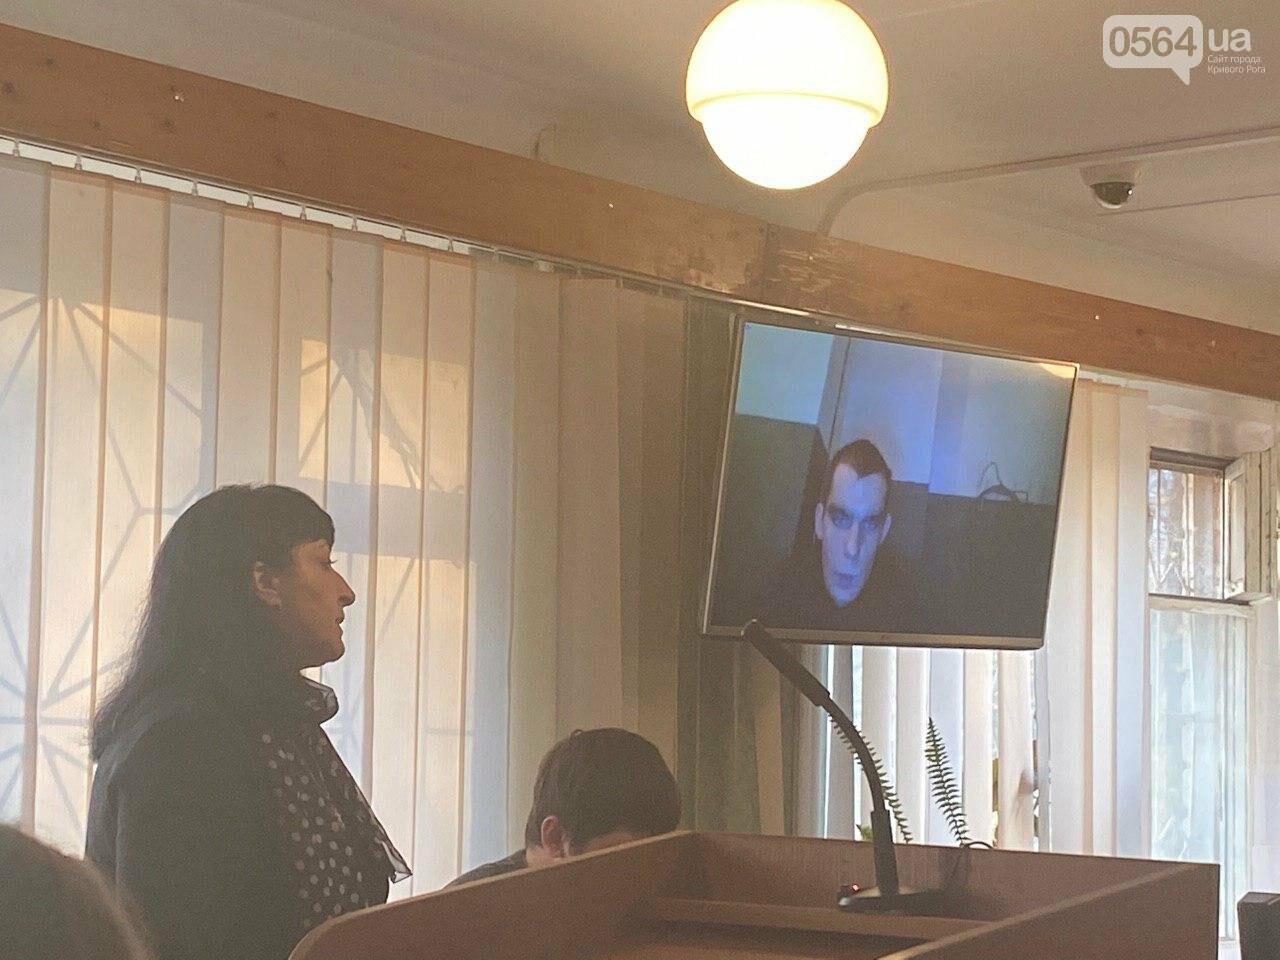 Нацгвардейца, исполосовавшего ножом таксиста в Кривом Роге, оставили под стражей еще на 2 месяца, - ФОТО , фото-21